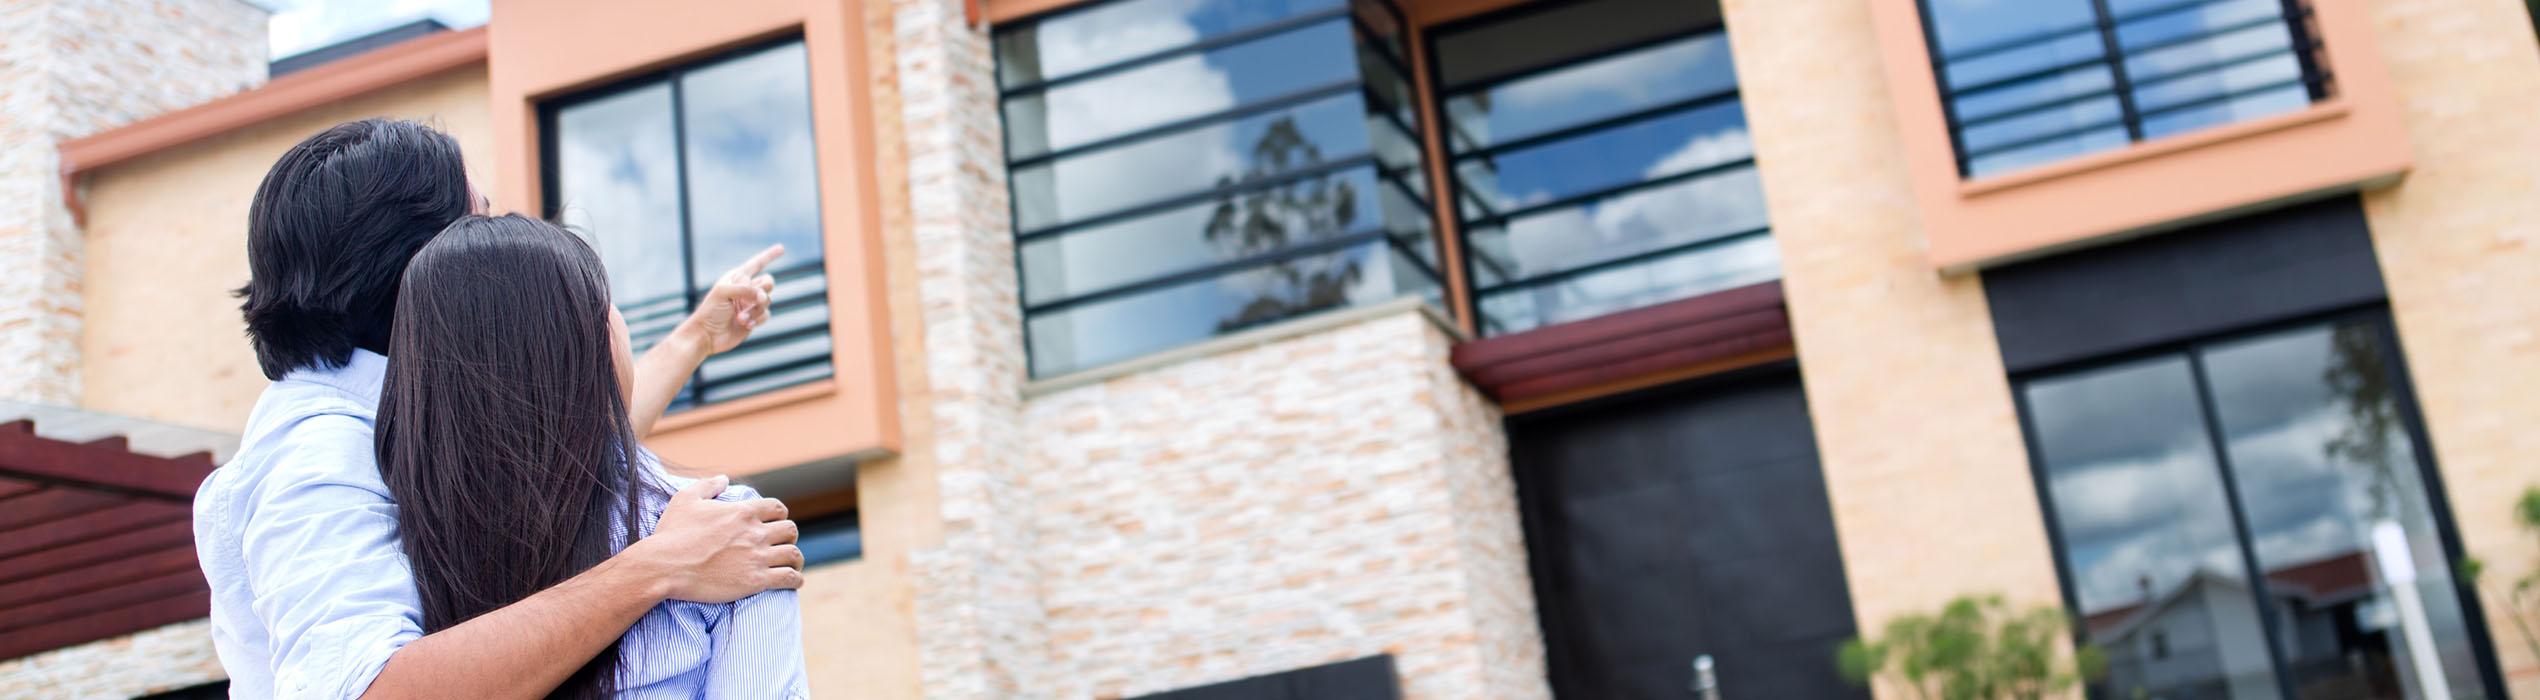 Acquisto prima casa ecco i vantaggi fiscali 2016 - Mutuo posta prima casa ...